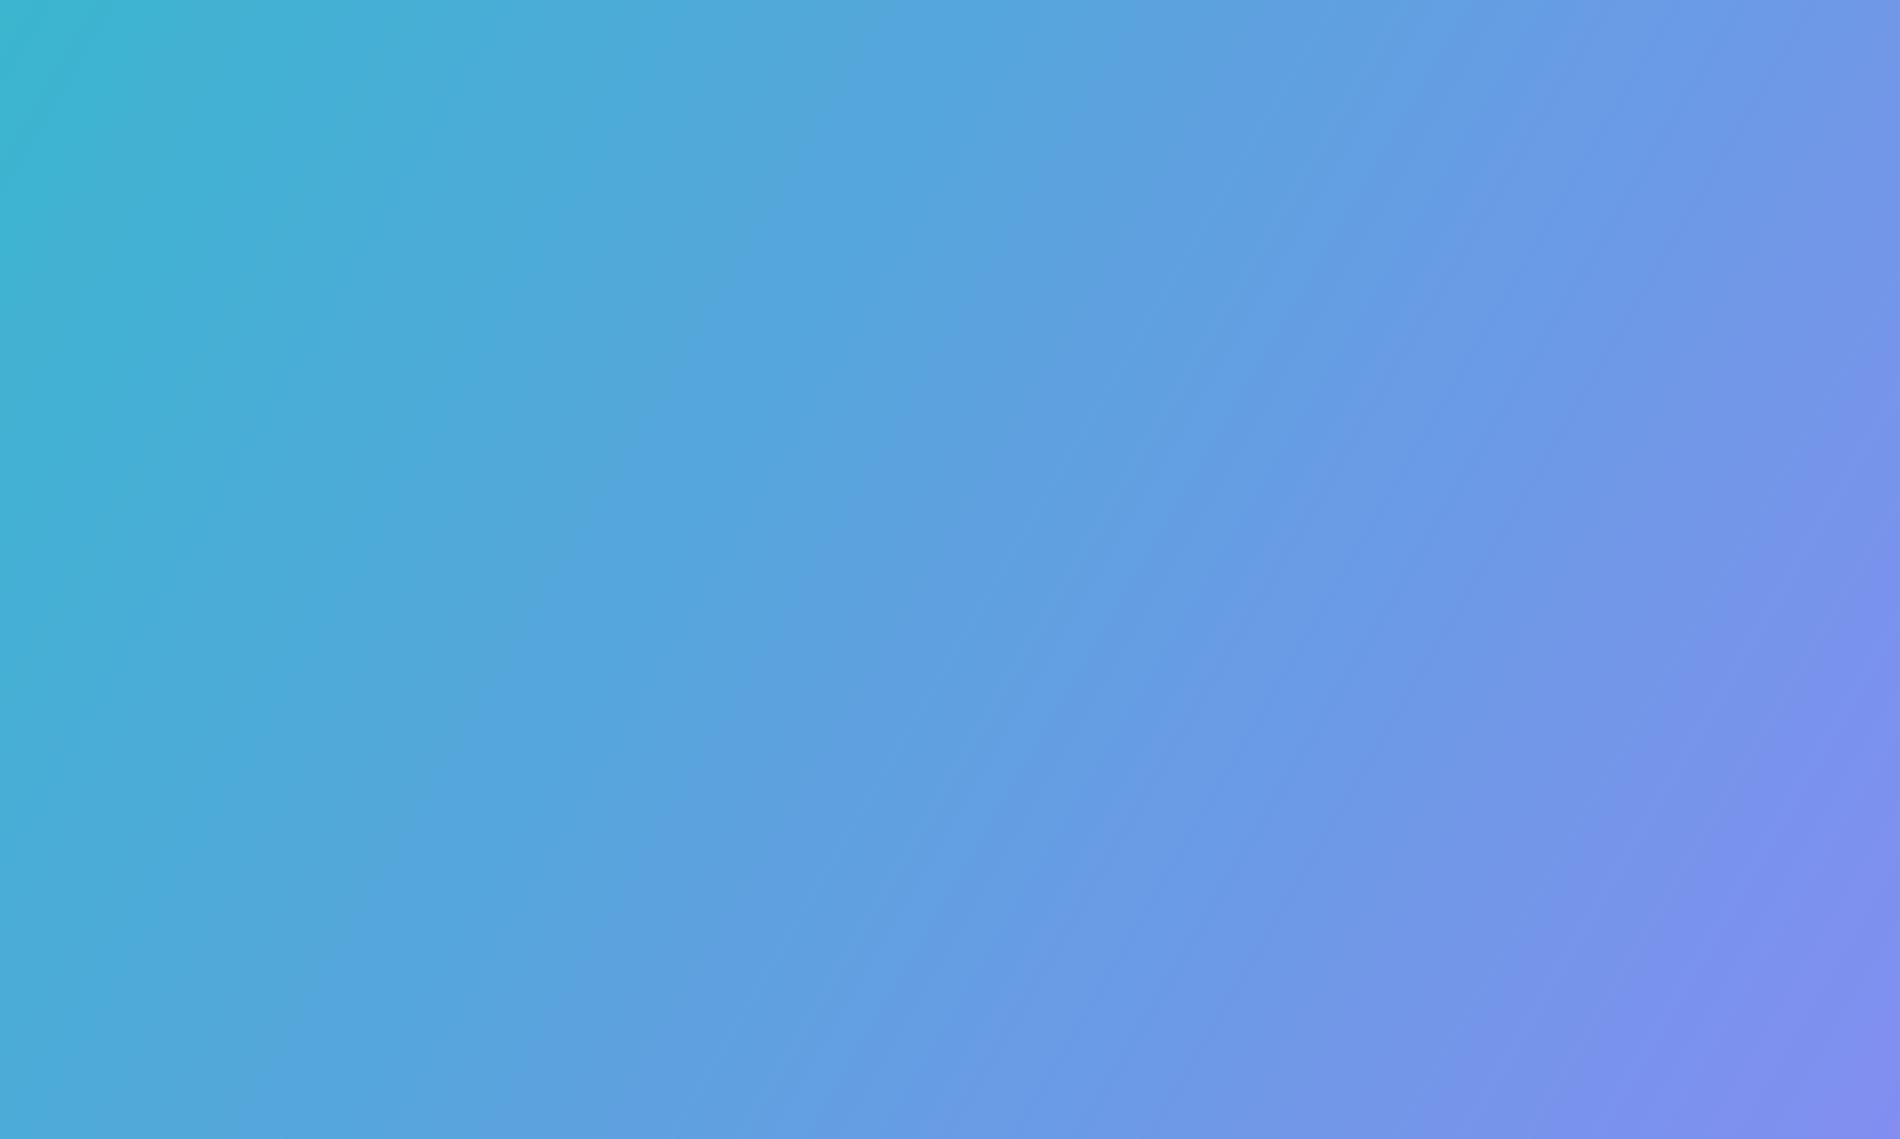 textmaster-bleu-gradient-bg.jpg